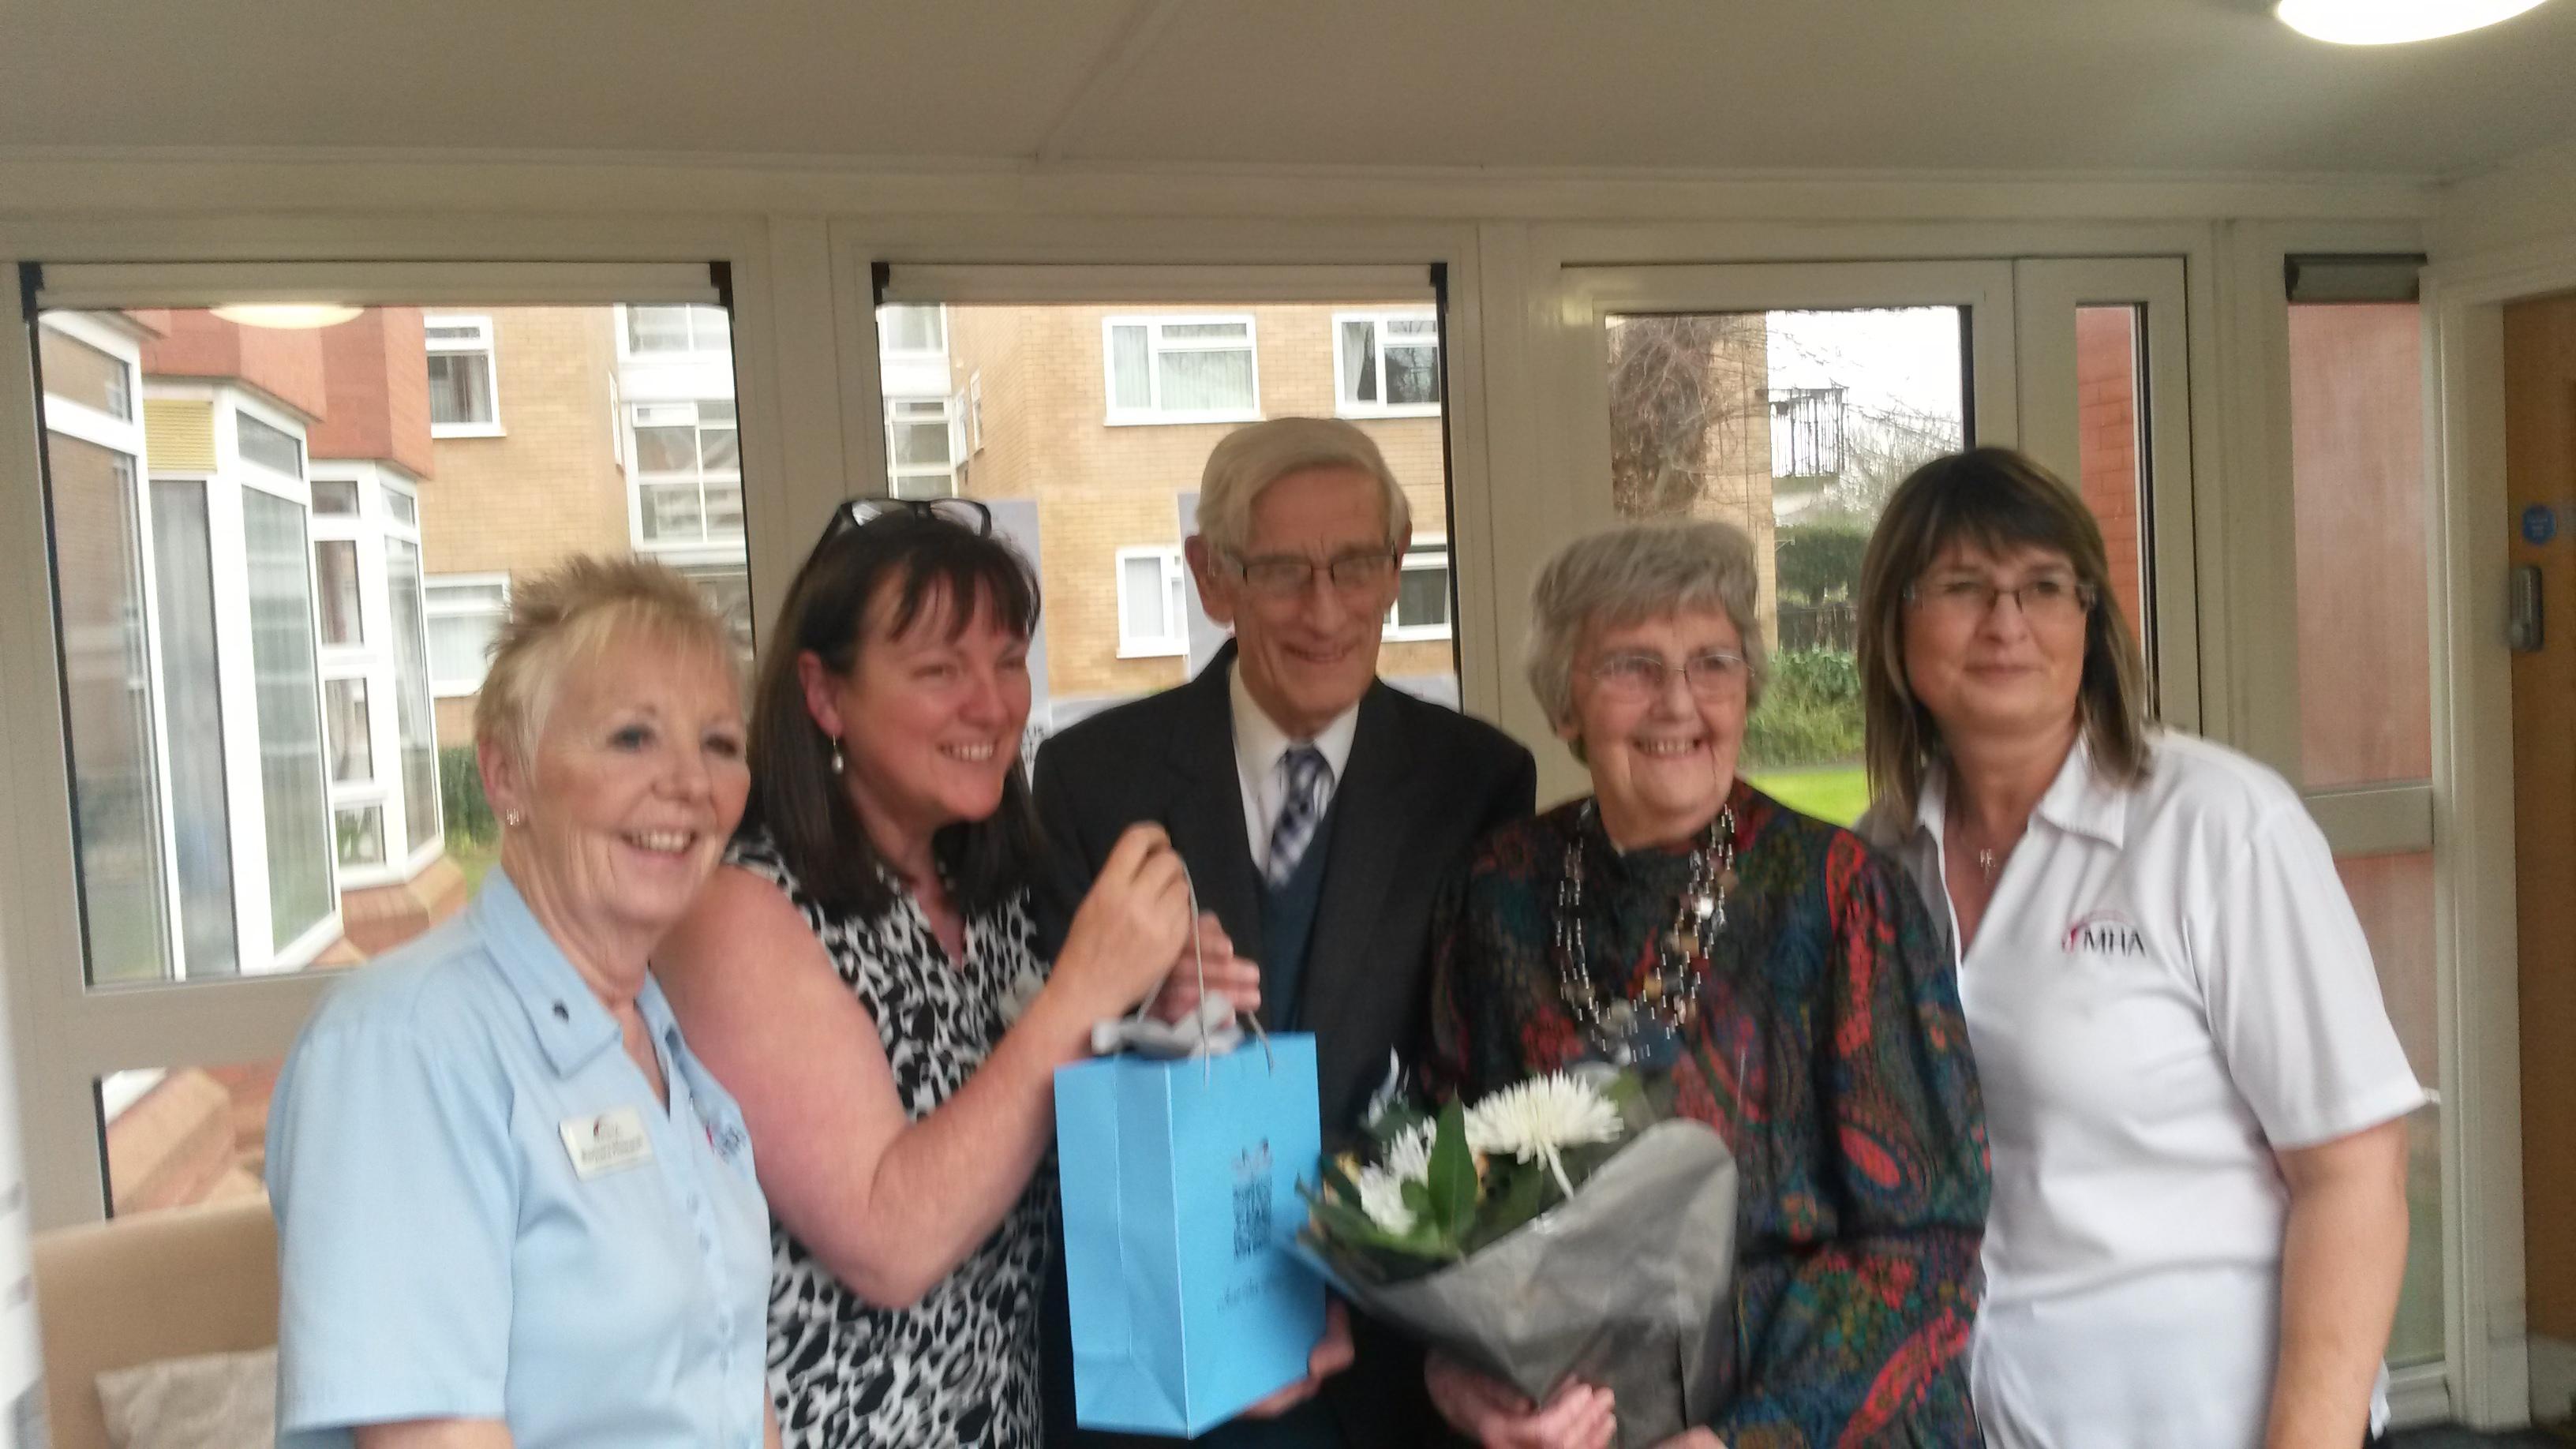 Honouring Eric for 26 years volunteering